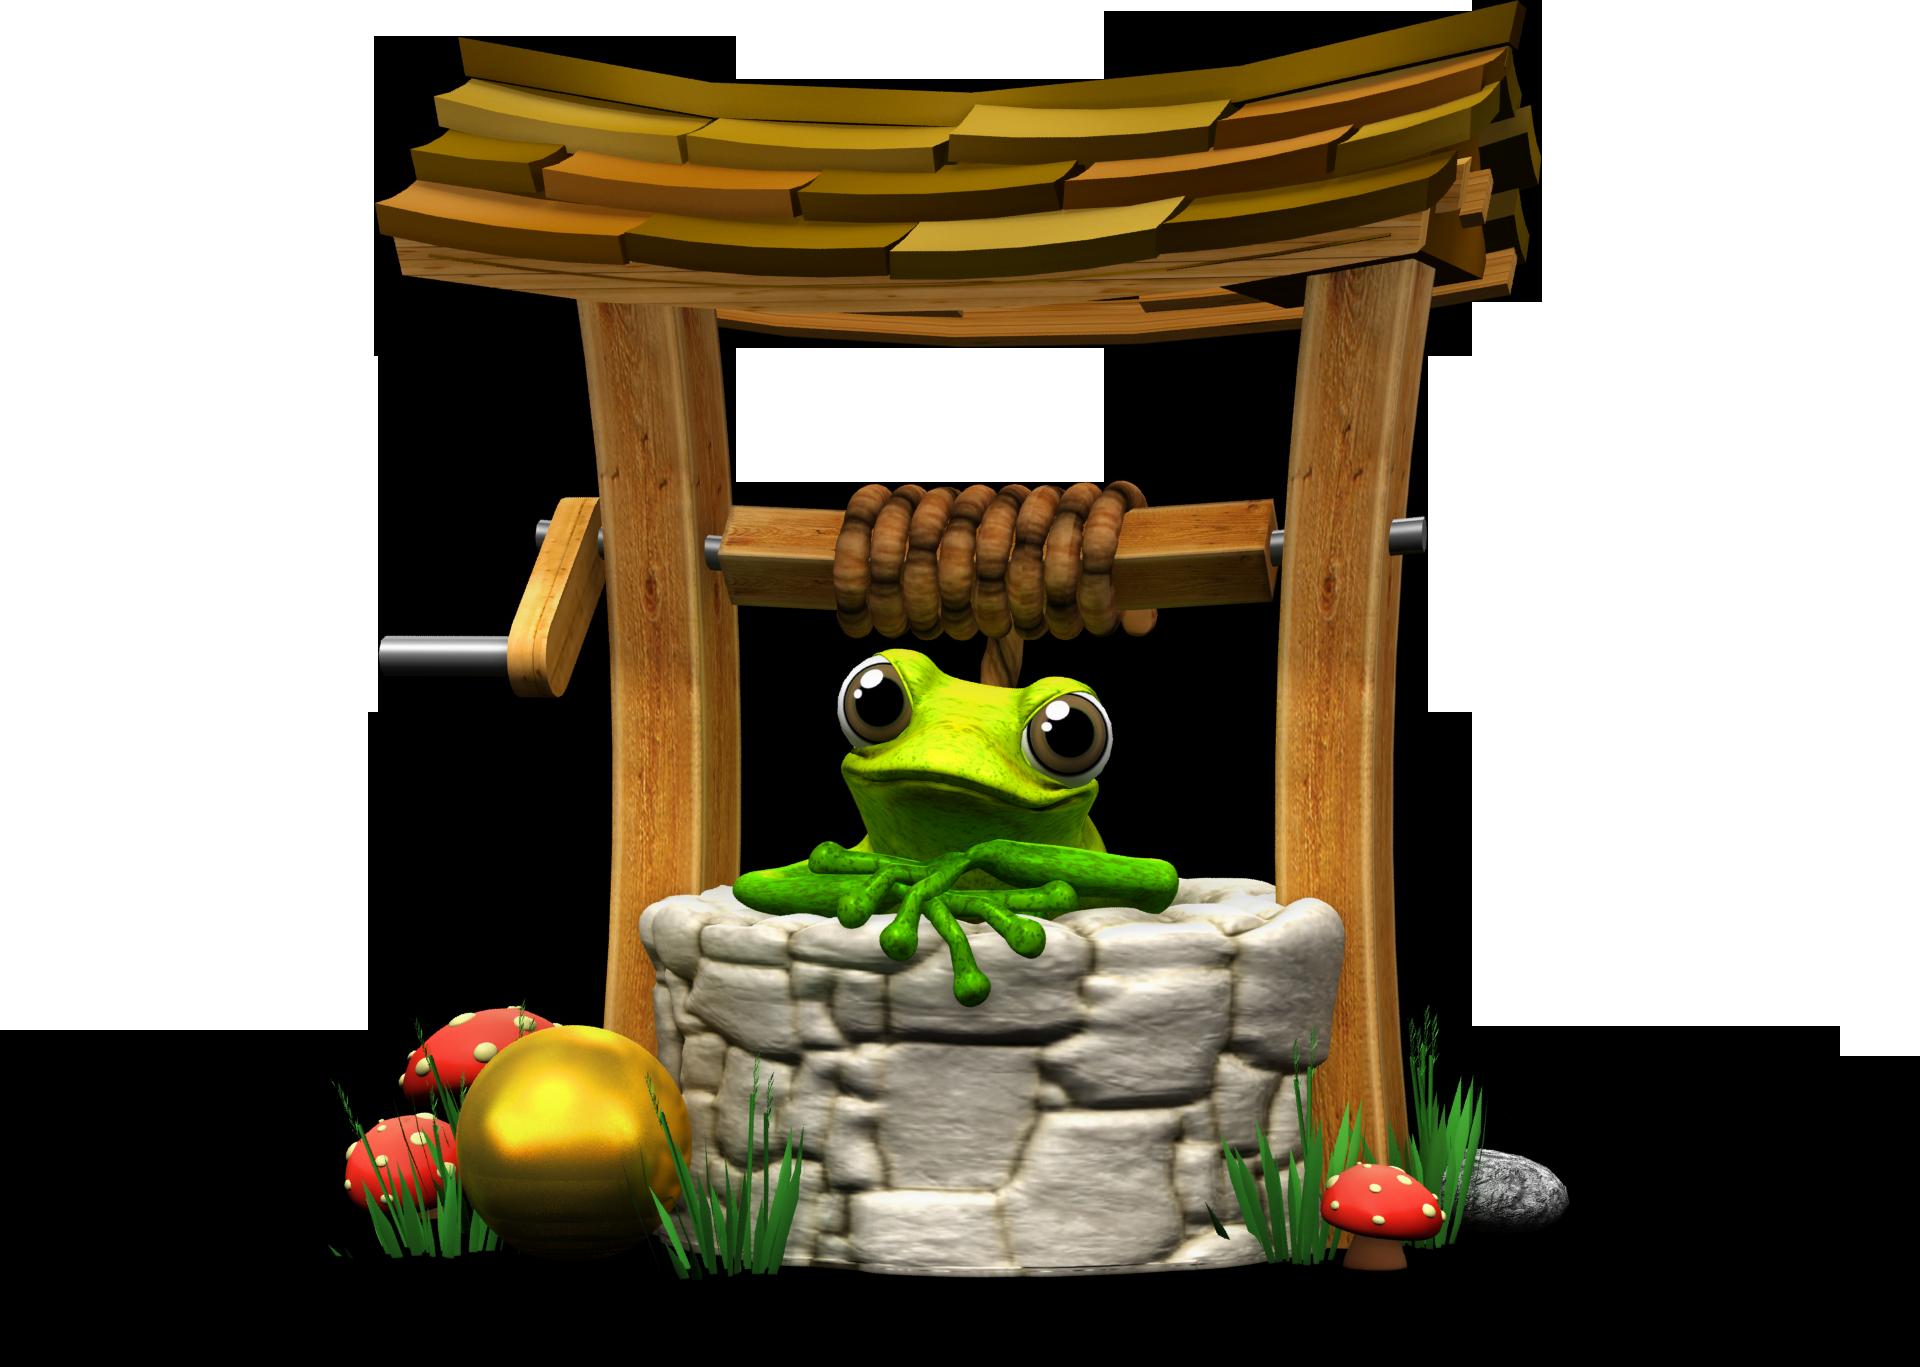 frog_stable_regular_marketing.png